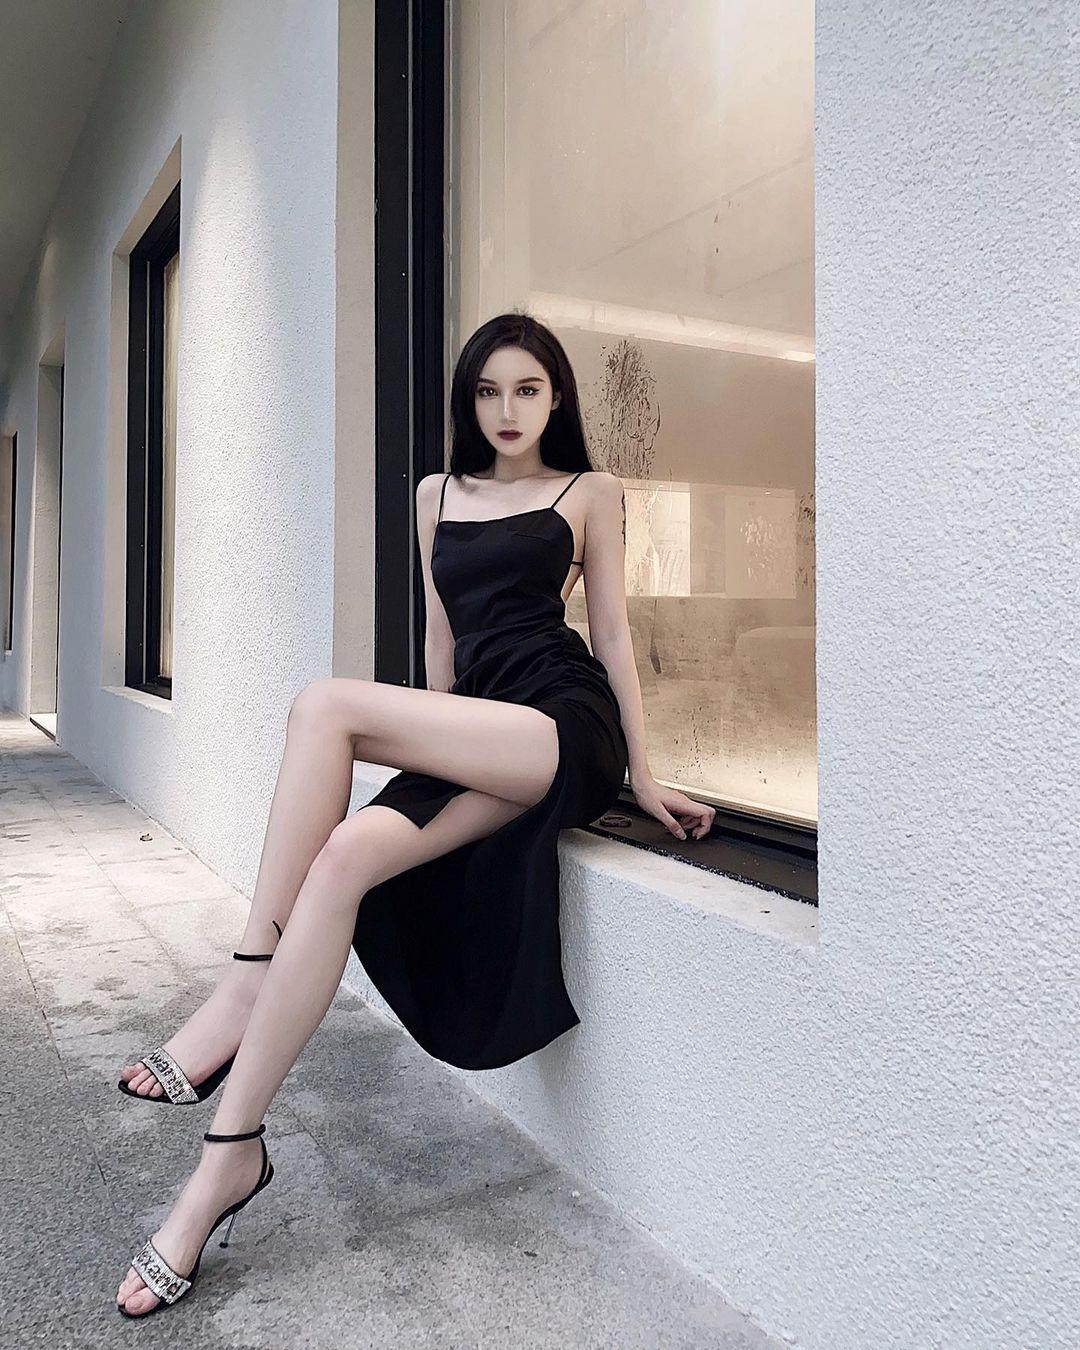 行走的腿精.23岁潮妹WENN 穿搭超暗黑也不忘晒出美神腿 网络美女 第3张